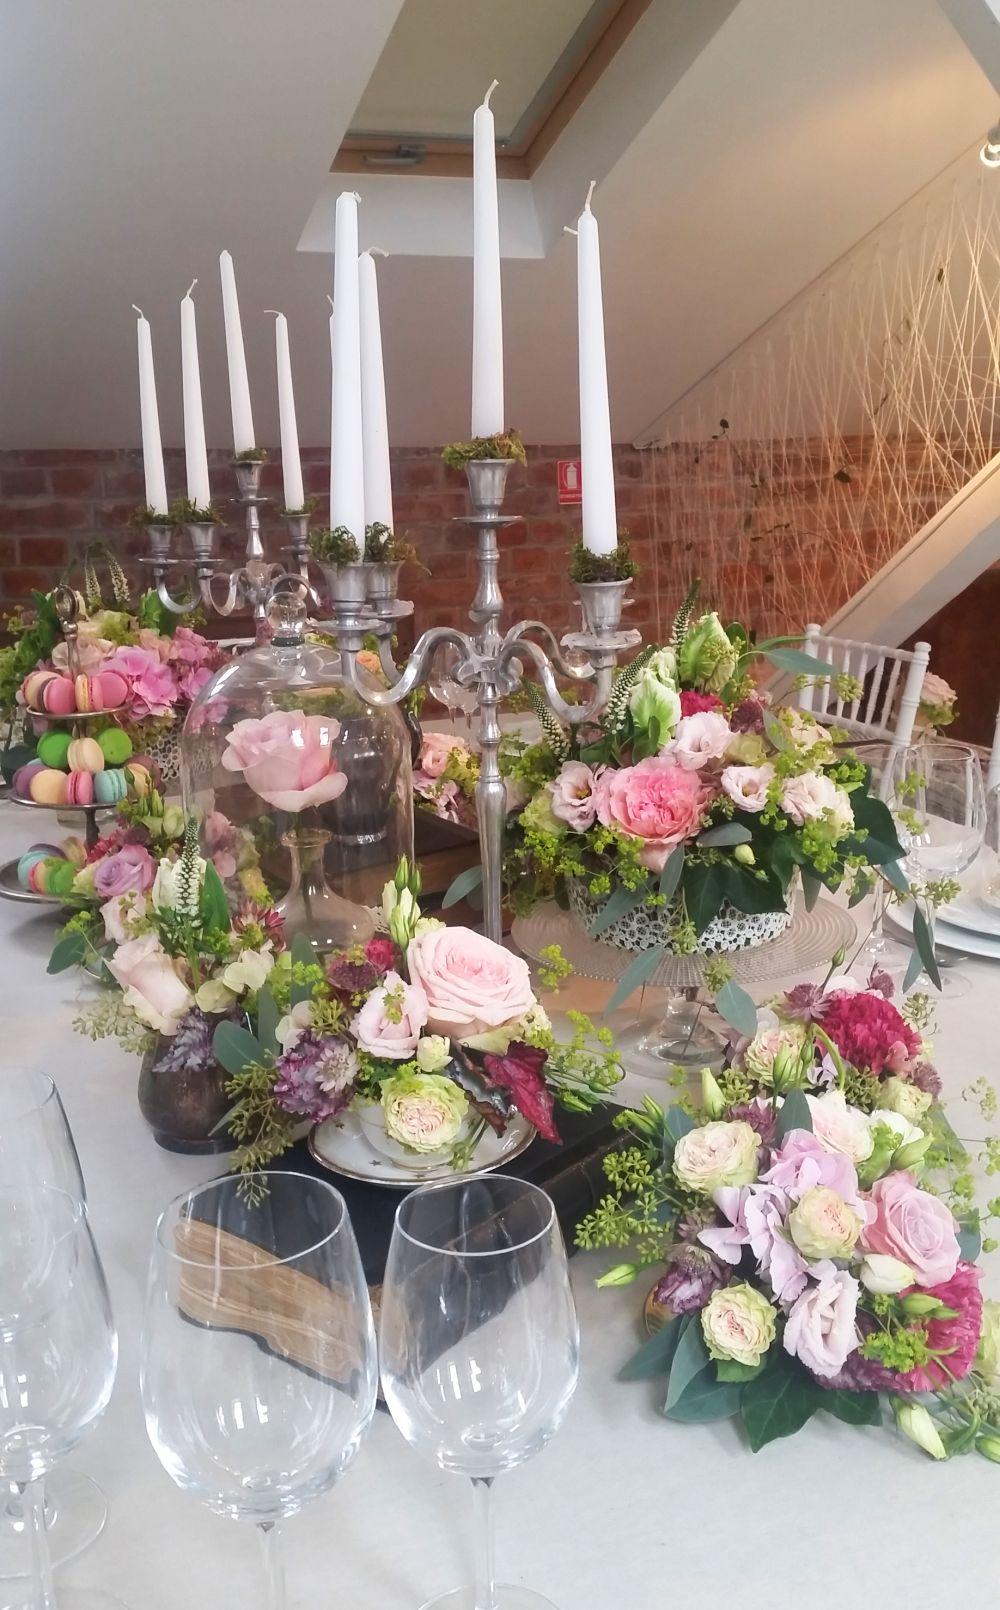 adelaparvu-com-despre-the-wedding-gallery-2016-floraria-iris-design-nicu-bocancea-18